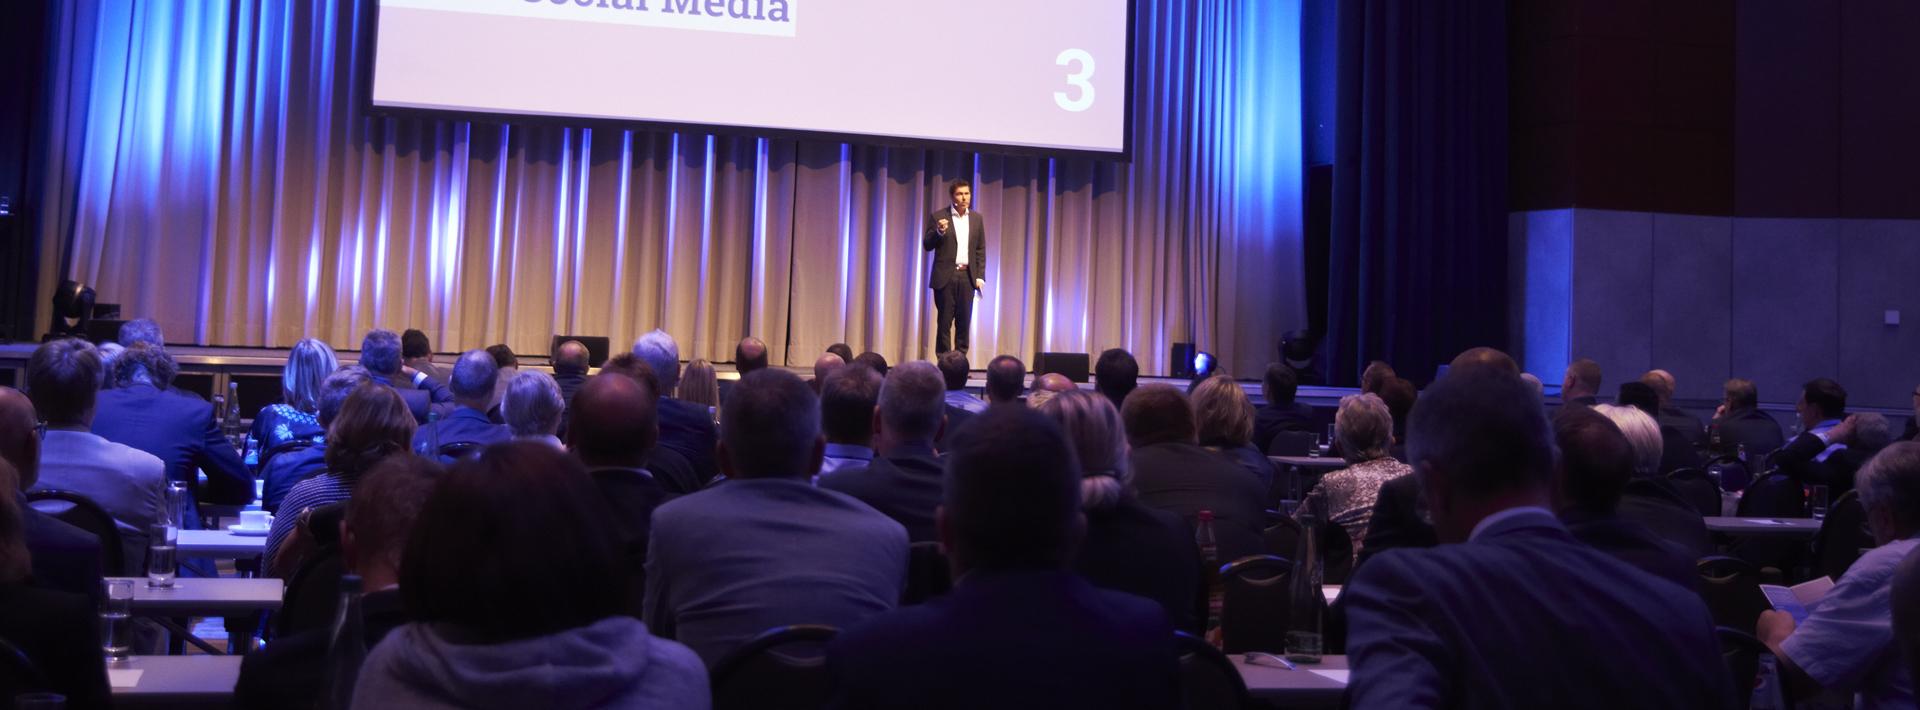 Keynote Speaker Tim Cortinovis auf der Bühne